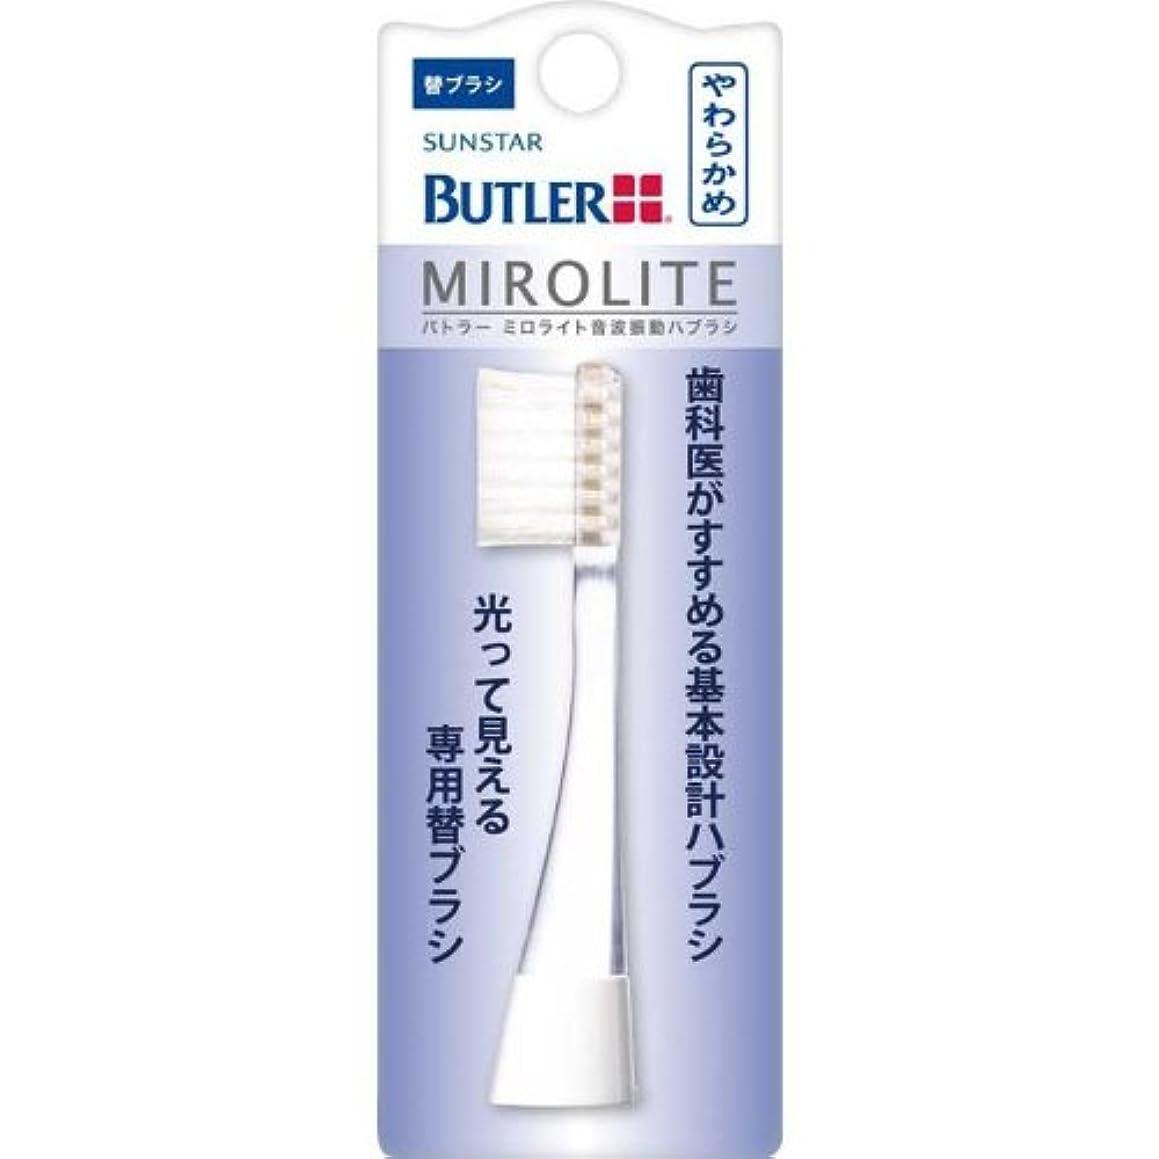 後方コミュニケーション同行するBUTLER(バトラー) ミロライト 音波振動ハブラシ 替ブラシ やわらかめ TB-01S